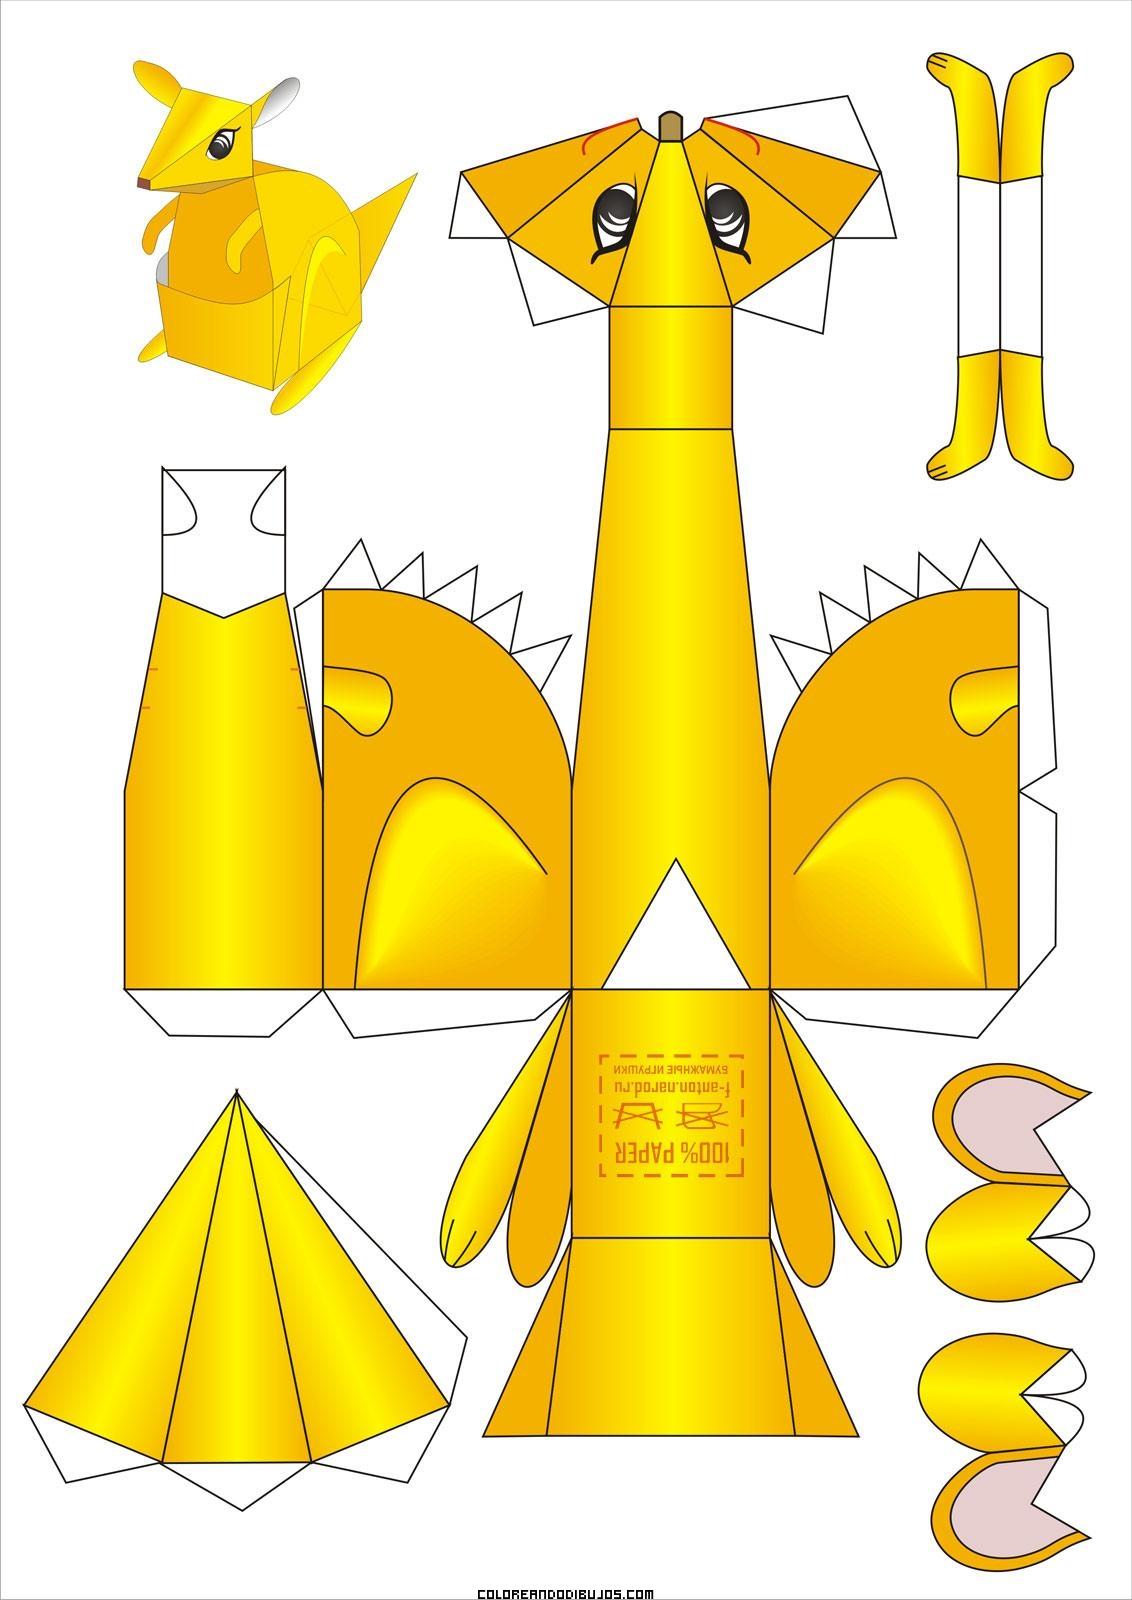 Dibujos para recortar y armar imagui for Sillas para armar y recortar